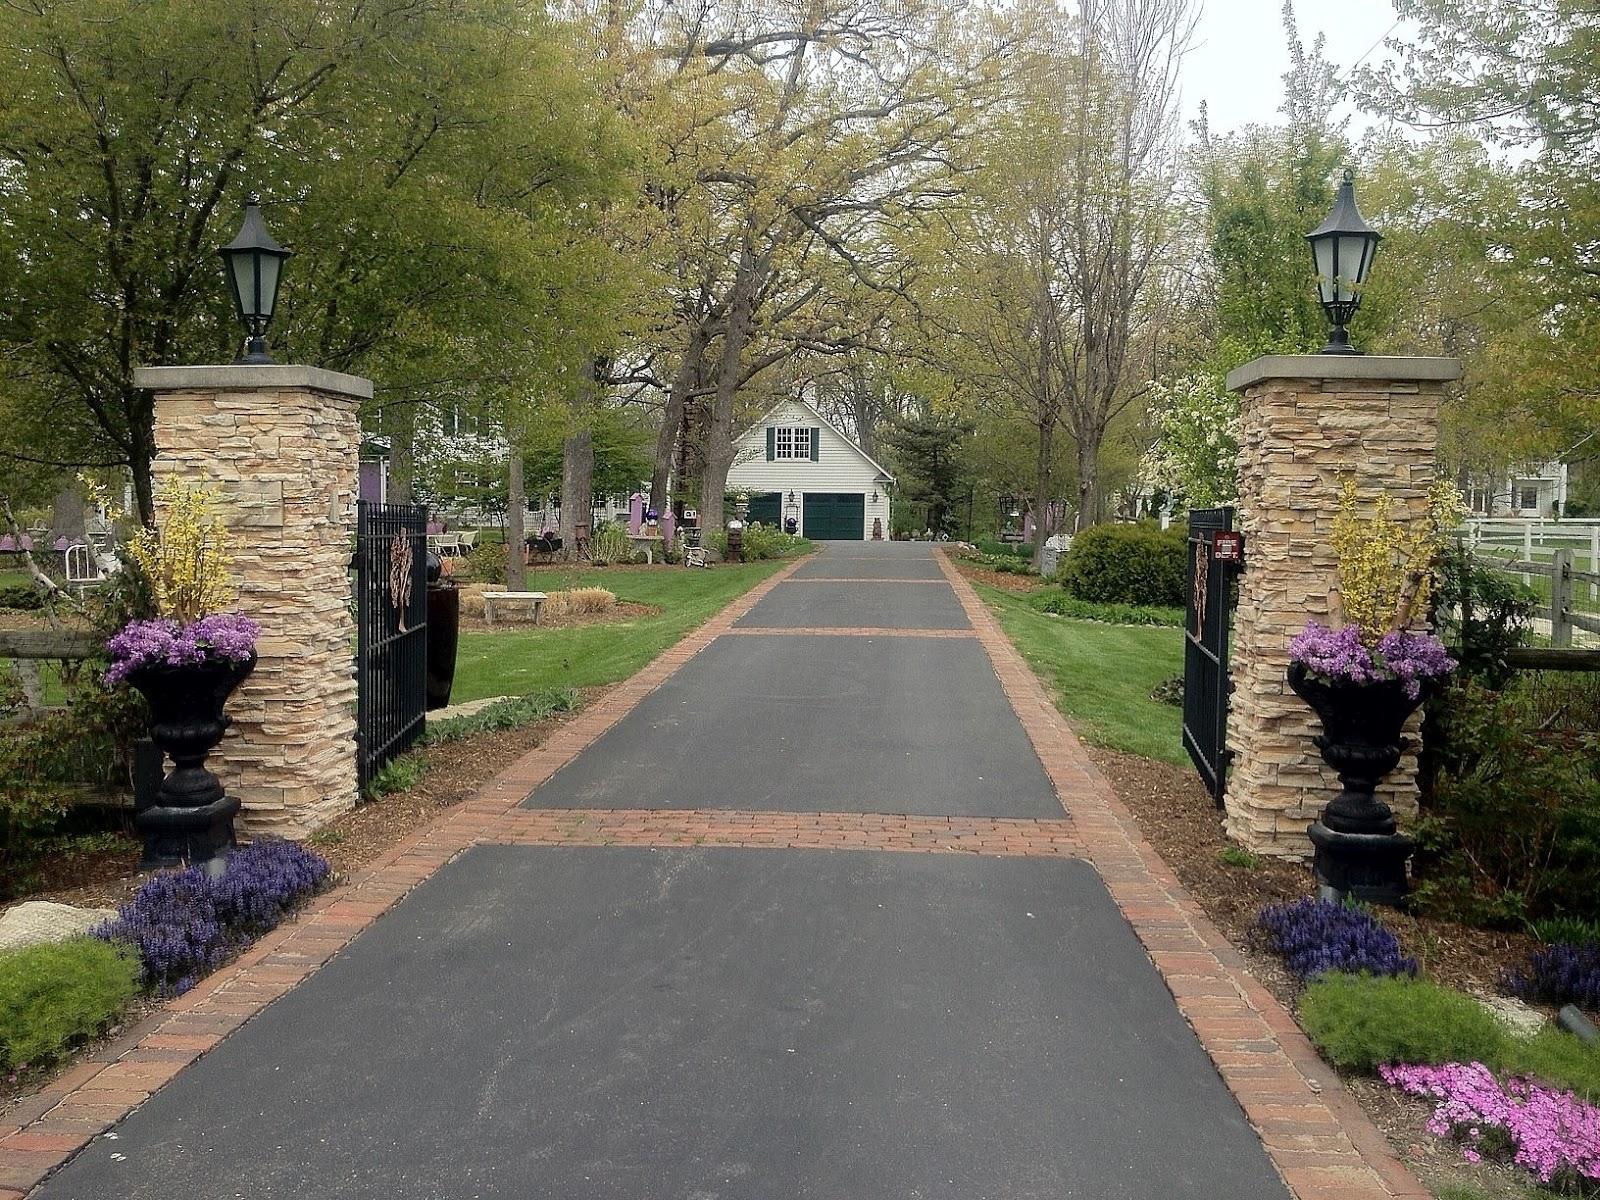 Enchanted Garden: - The Bunnies' Buffet: The Enchanted Garden